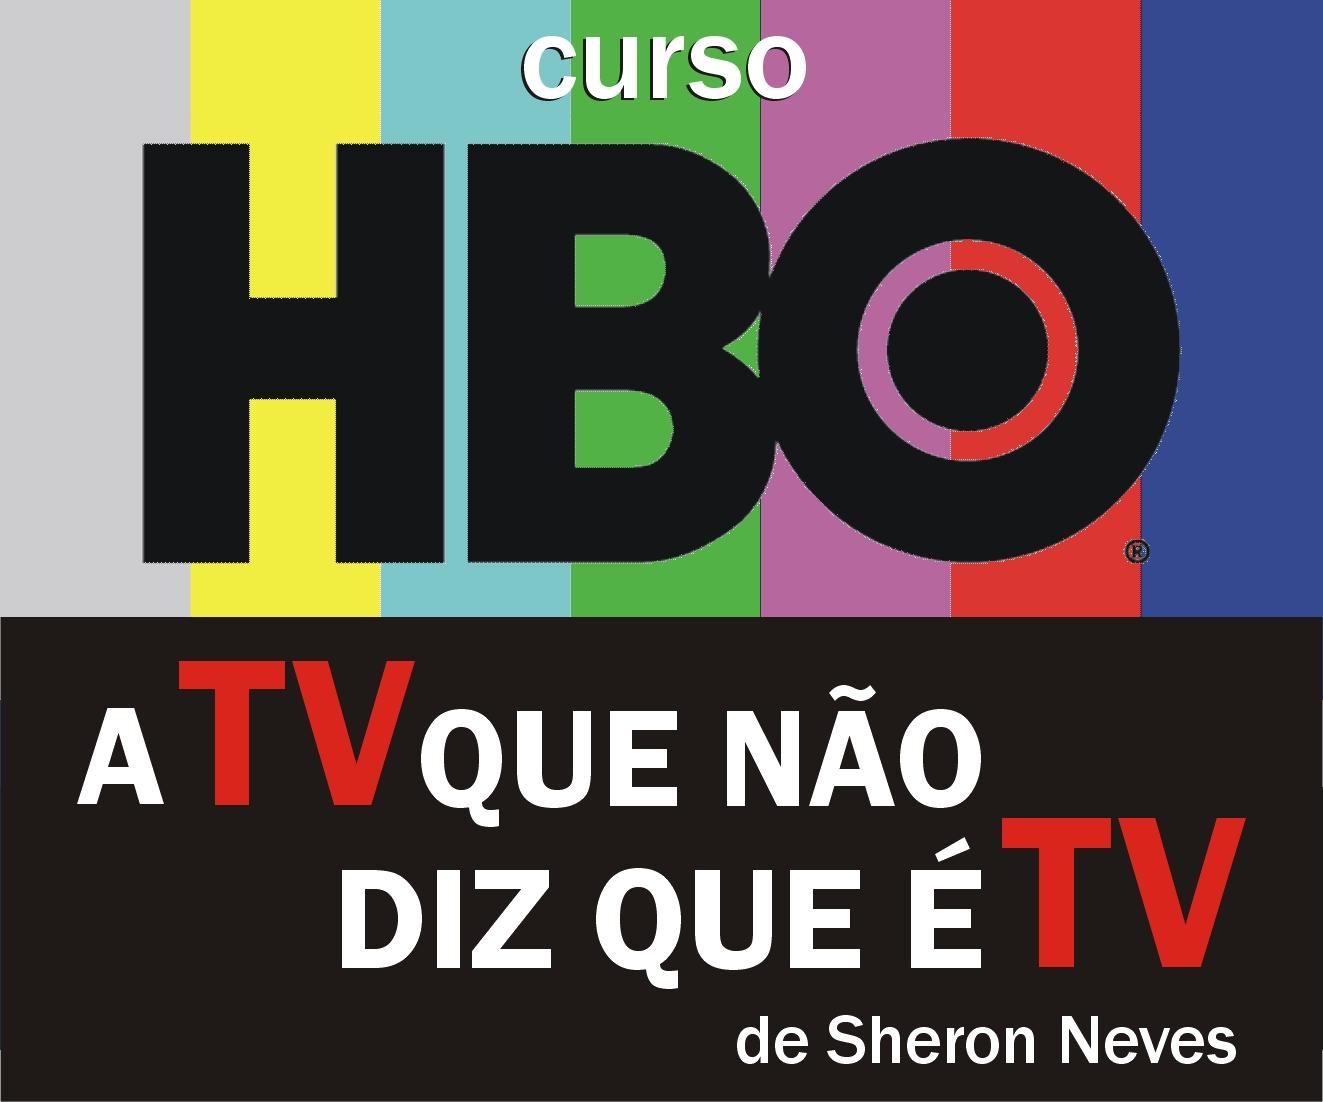 http://4.bp.blogspot.com/-8VOqqQ9r9pM/TeRSfKGddHI/AAAAAAAAAak/HBFMOXEgbH8/s1600/Logo%2B2.jpg